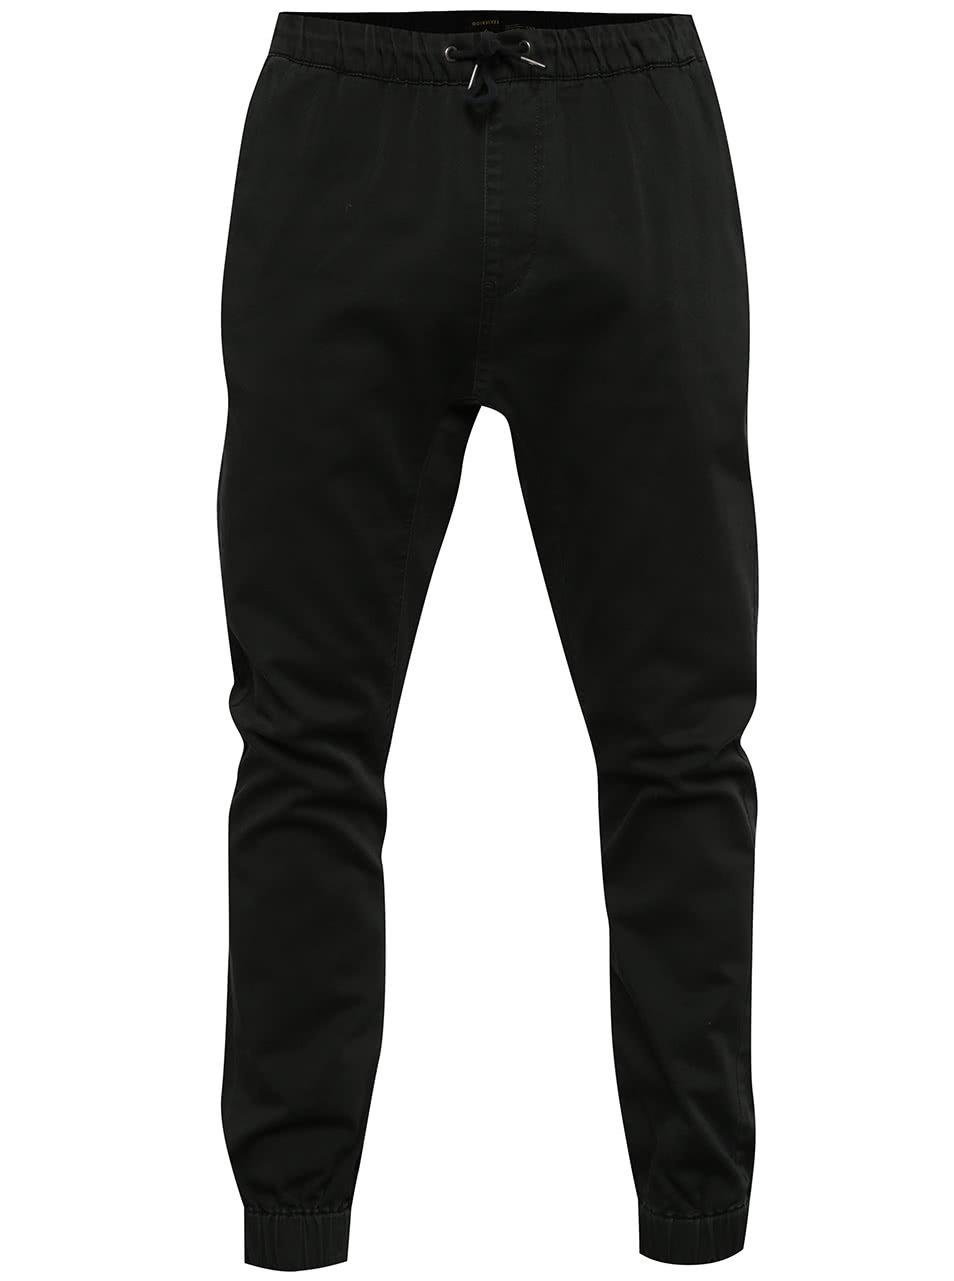 Černé pánské kalhoty s gumou v pase Quiksilver ... c79c32b37a